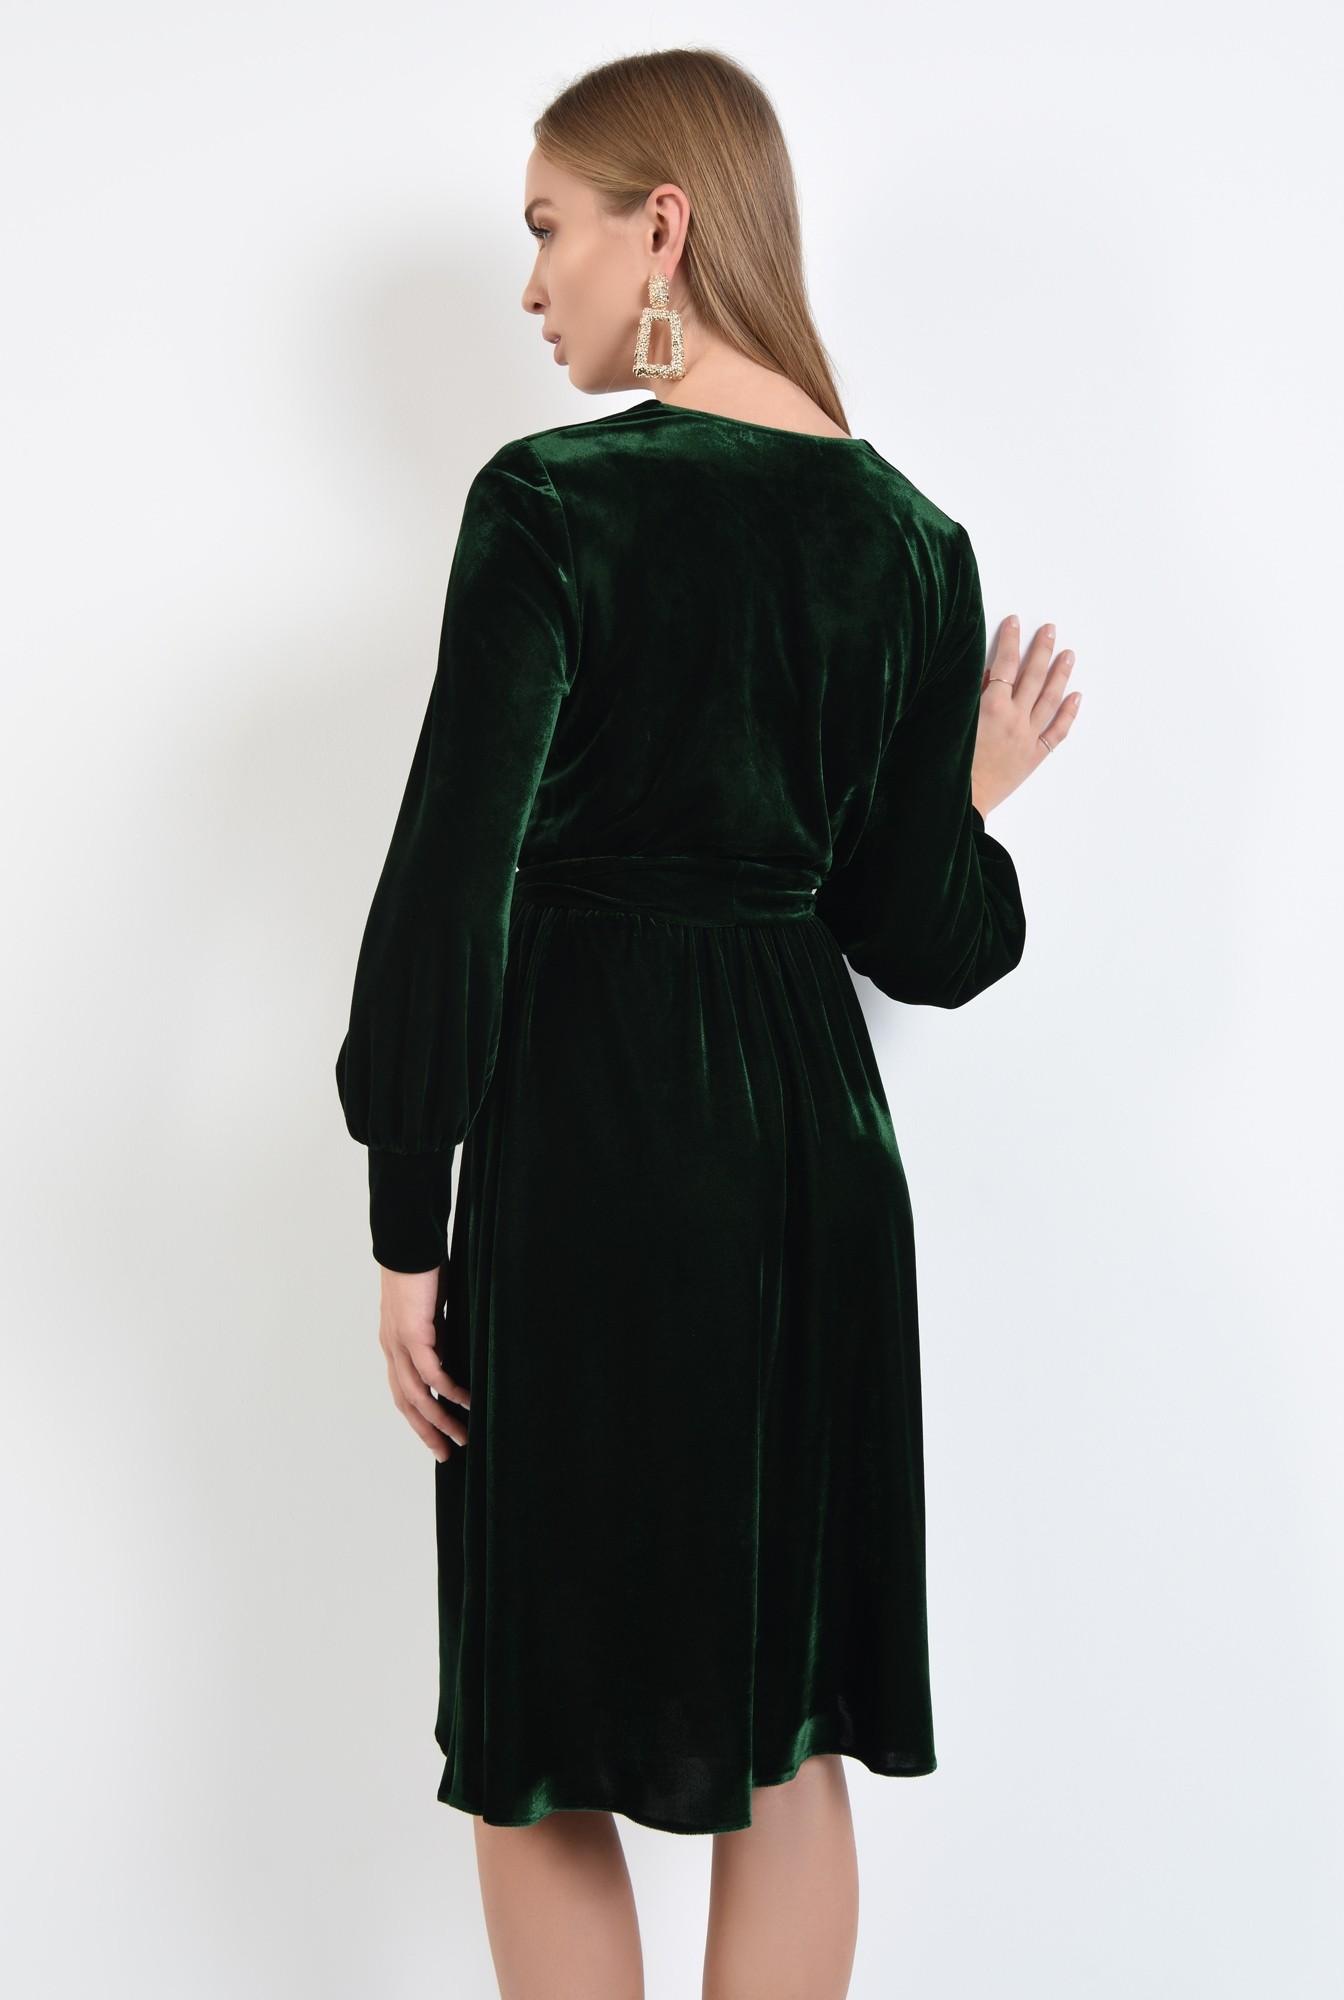 1 - rochie midi, funda la talie, rochii online. croi evazat, maneci lungi cu mansete